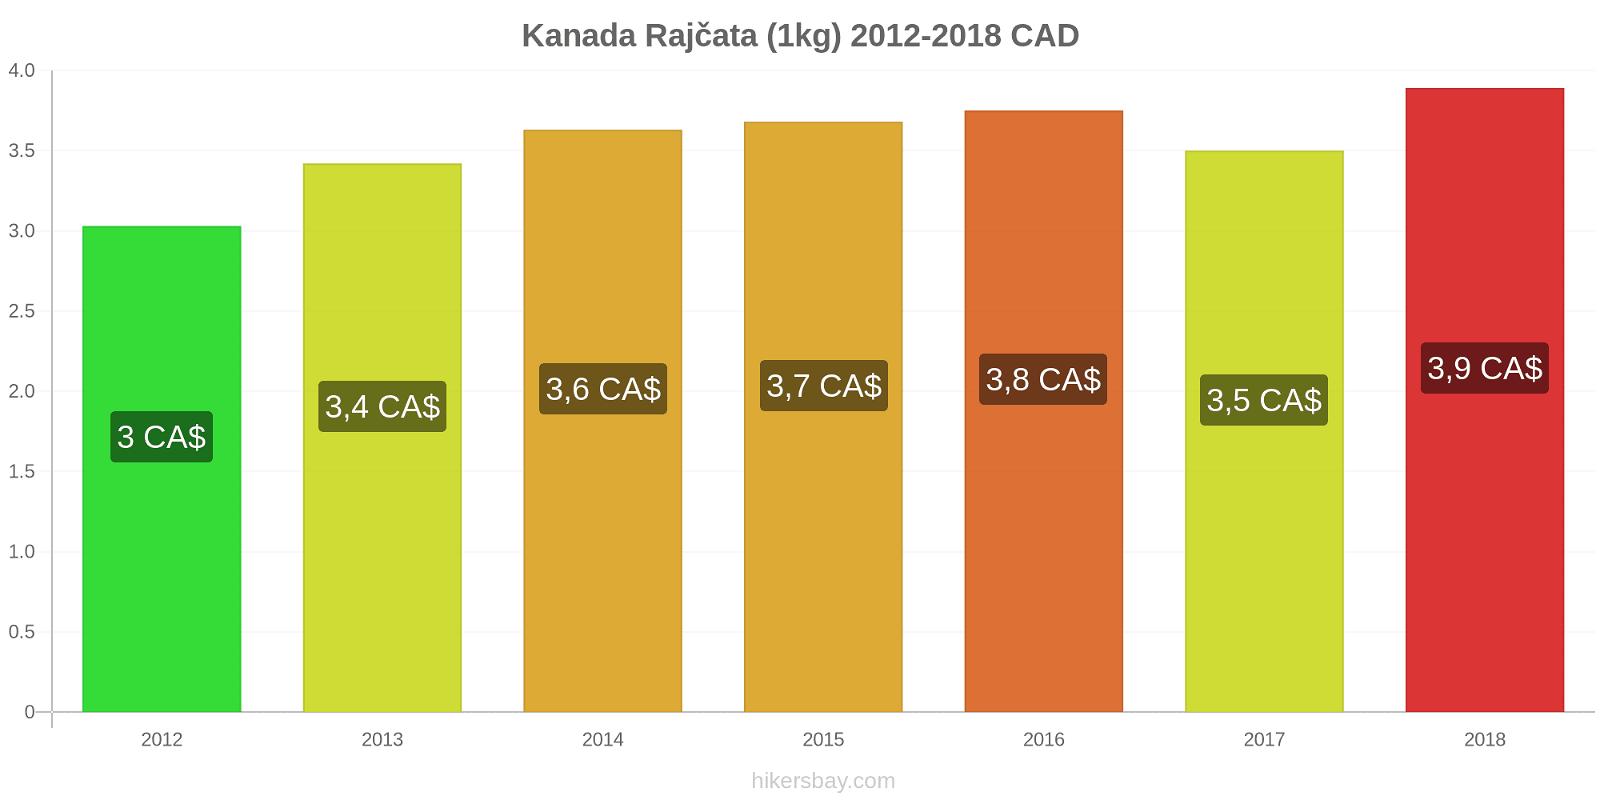 Kanada změny cen Rajčata (1kg) hikersbay.com